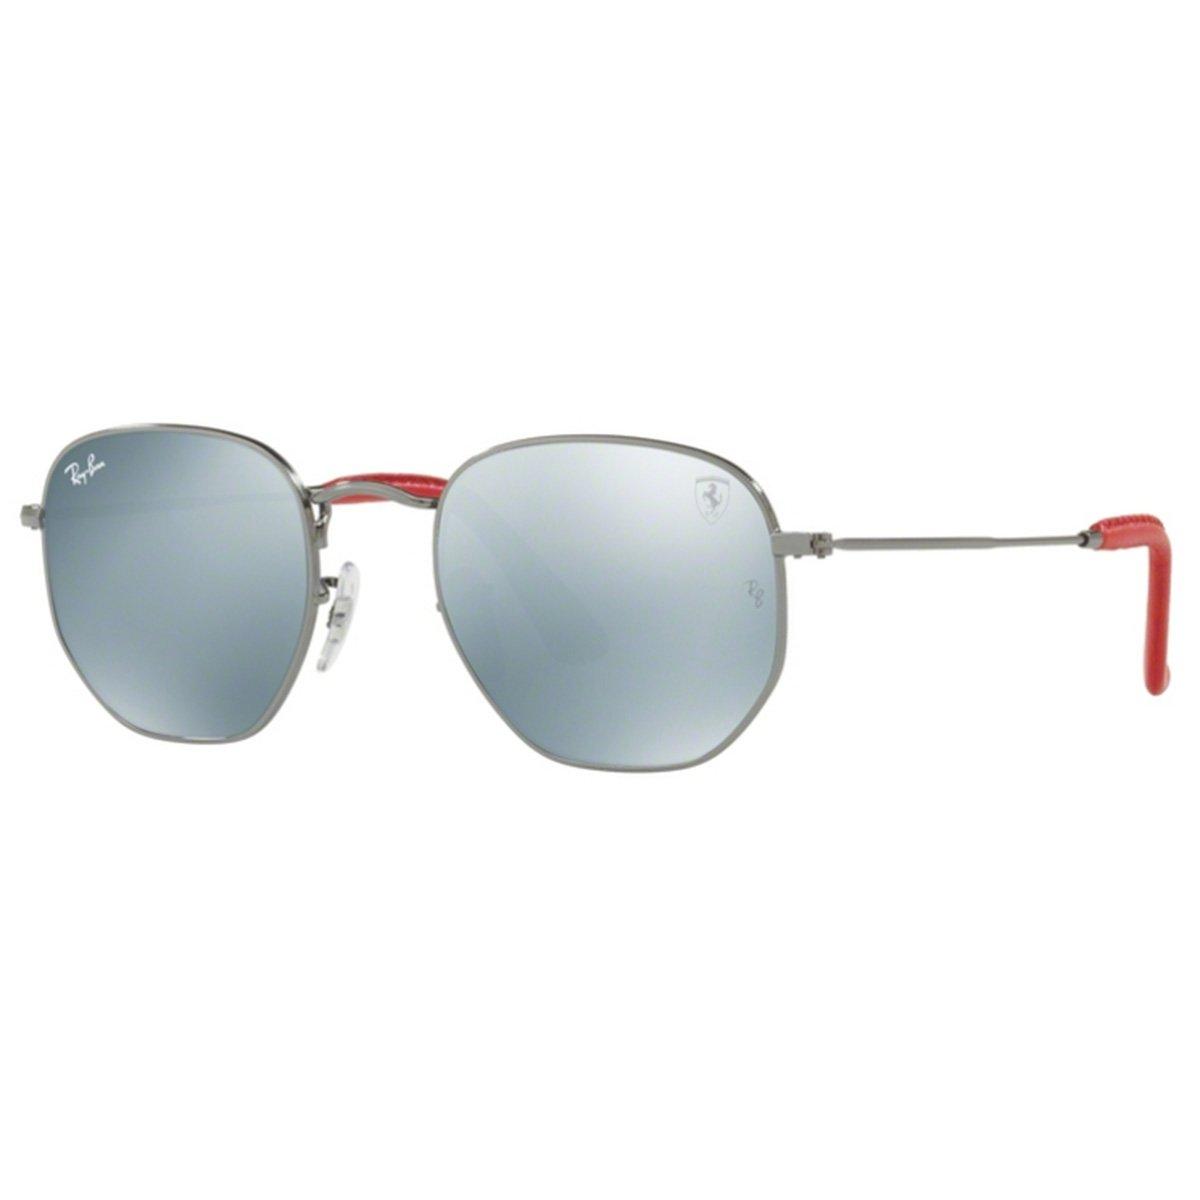 cdb66e99b Compre Óculos de Sol Ray Ban Hexagonal Ferrari em 10X | Tri-Jóia Shop